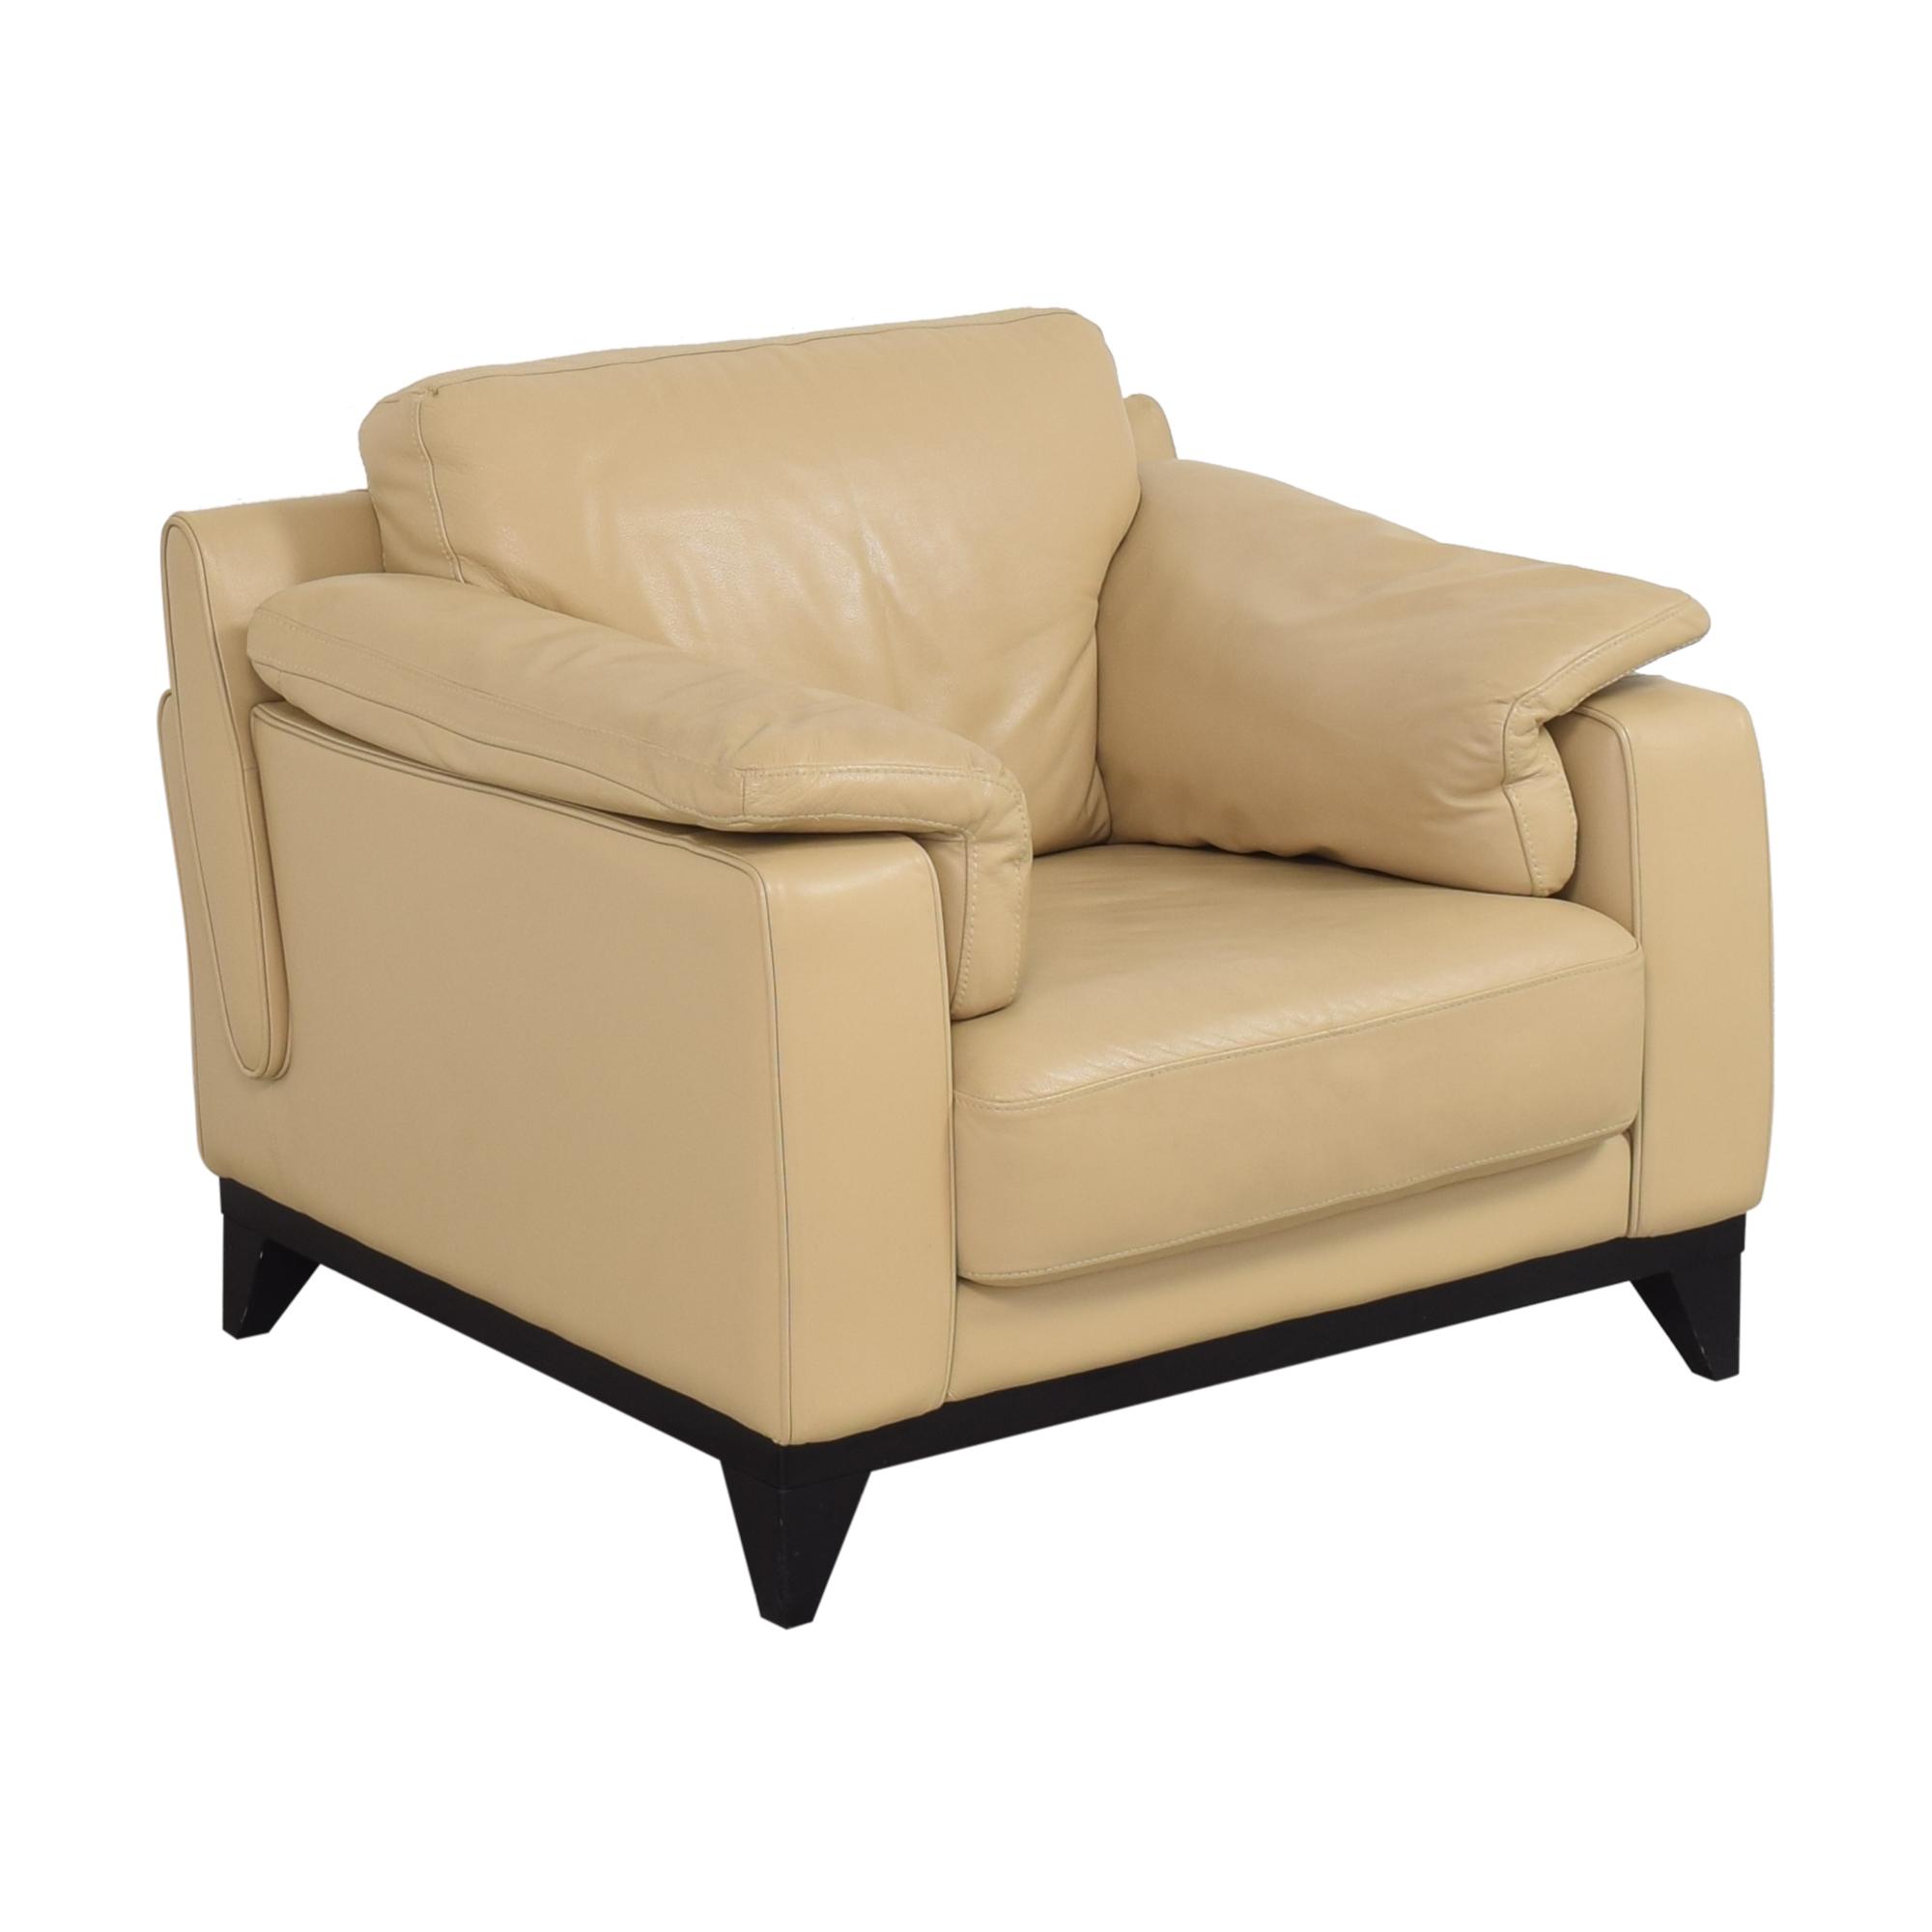 shop Nicoletti Home Accent Chair Nicoletti Home Sofas